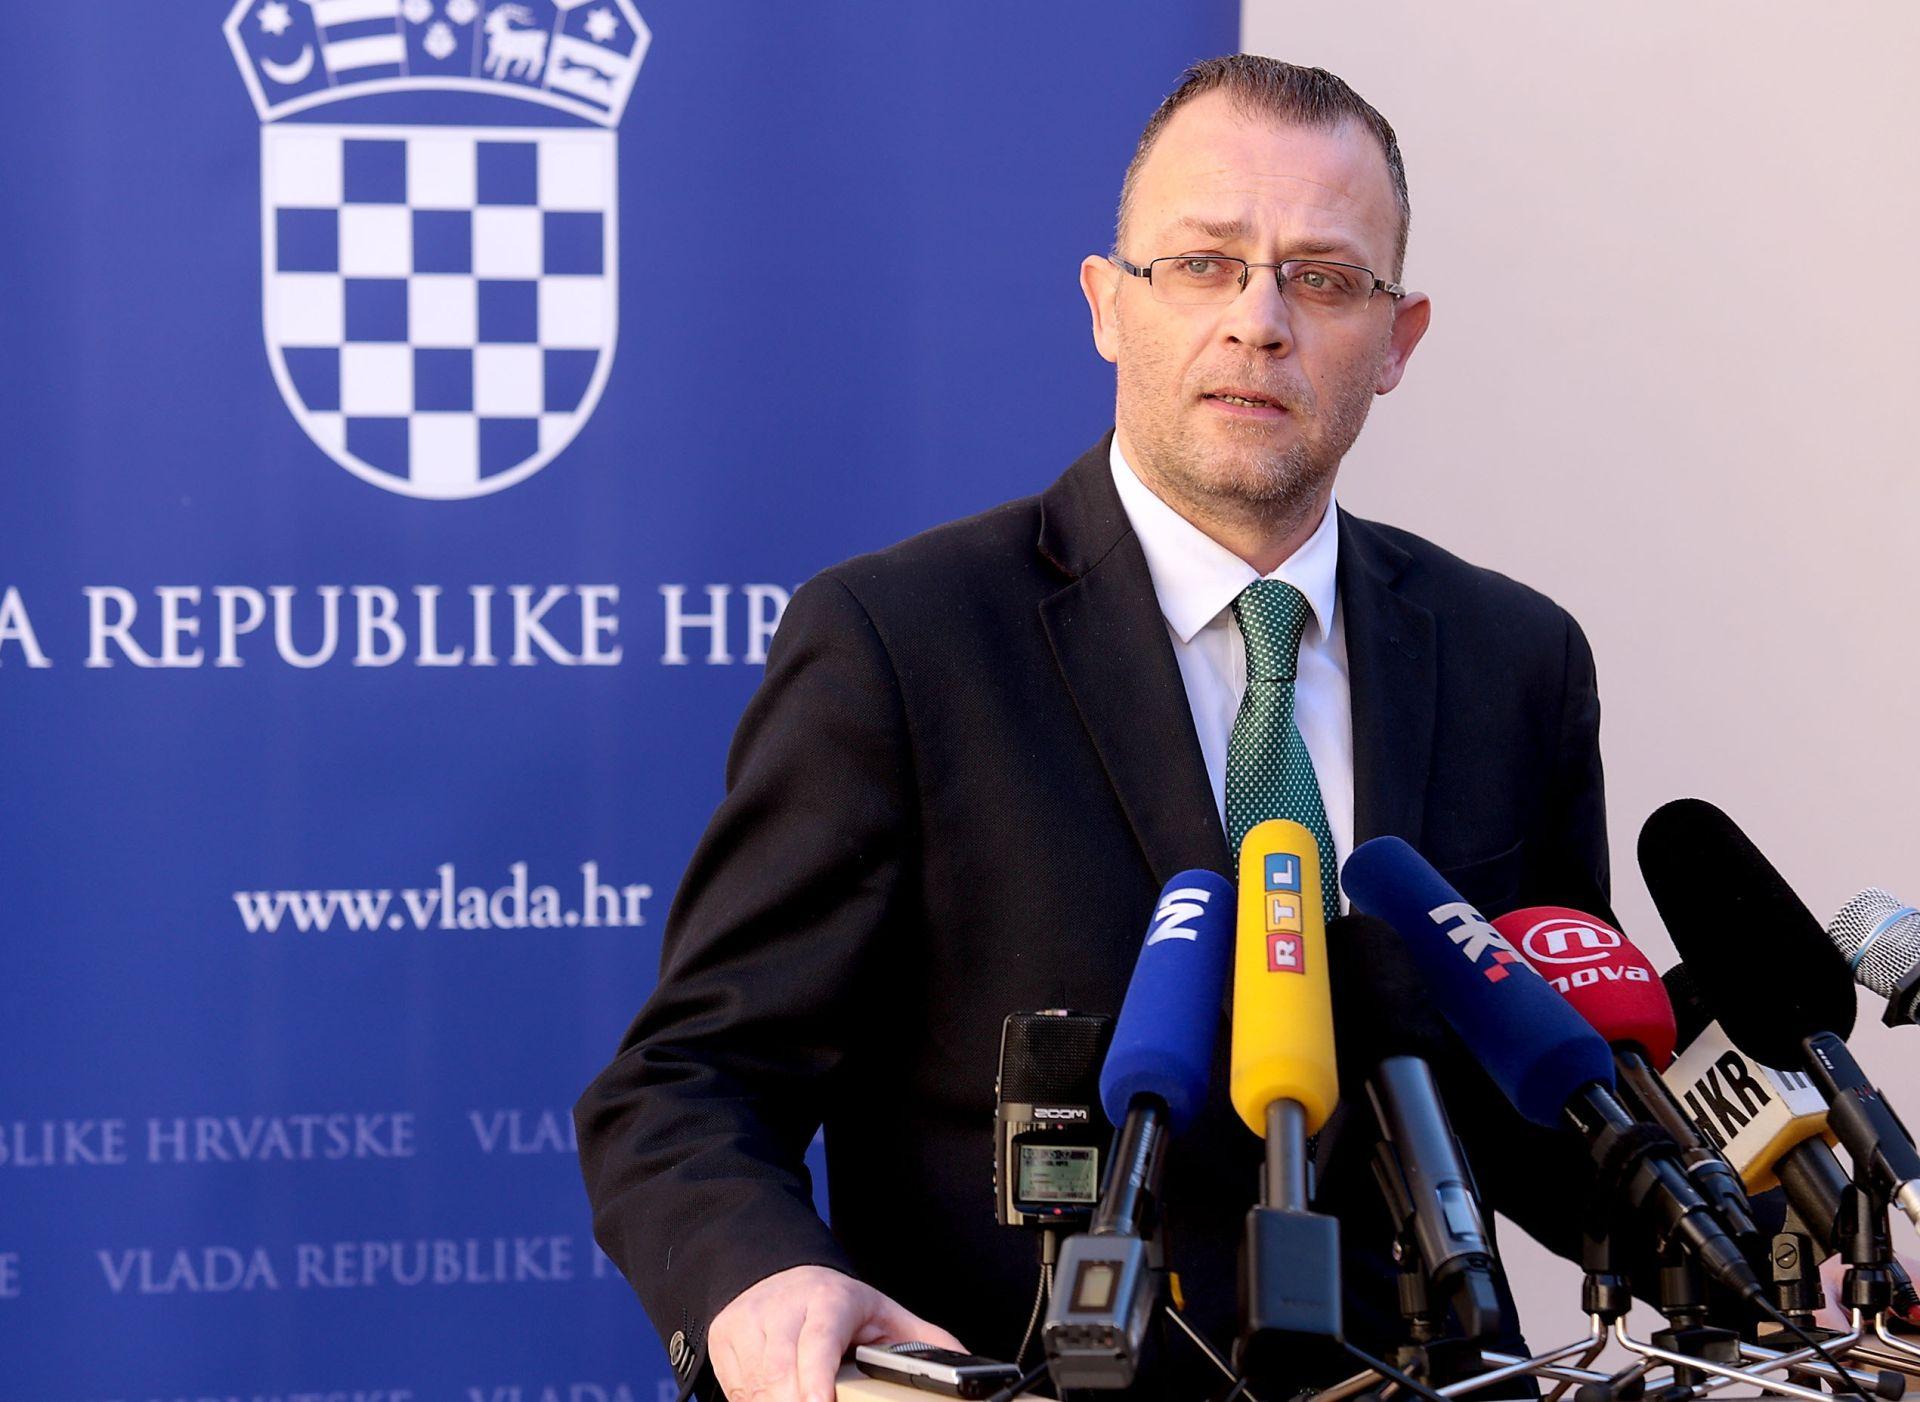 Ministar Hasanbegović: HND nije Ministarstvu poslao poziv za tribinu